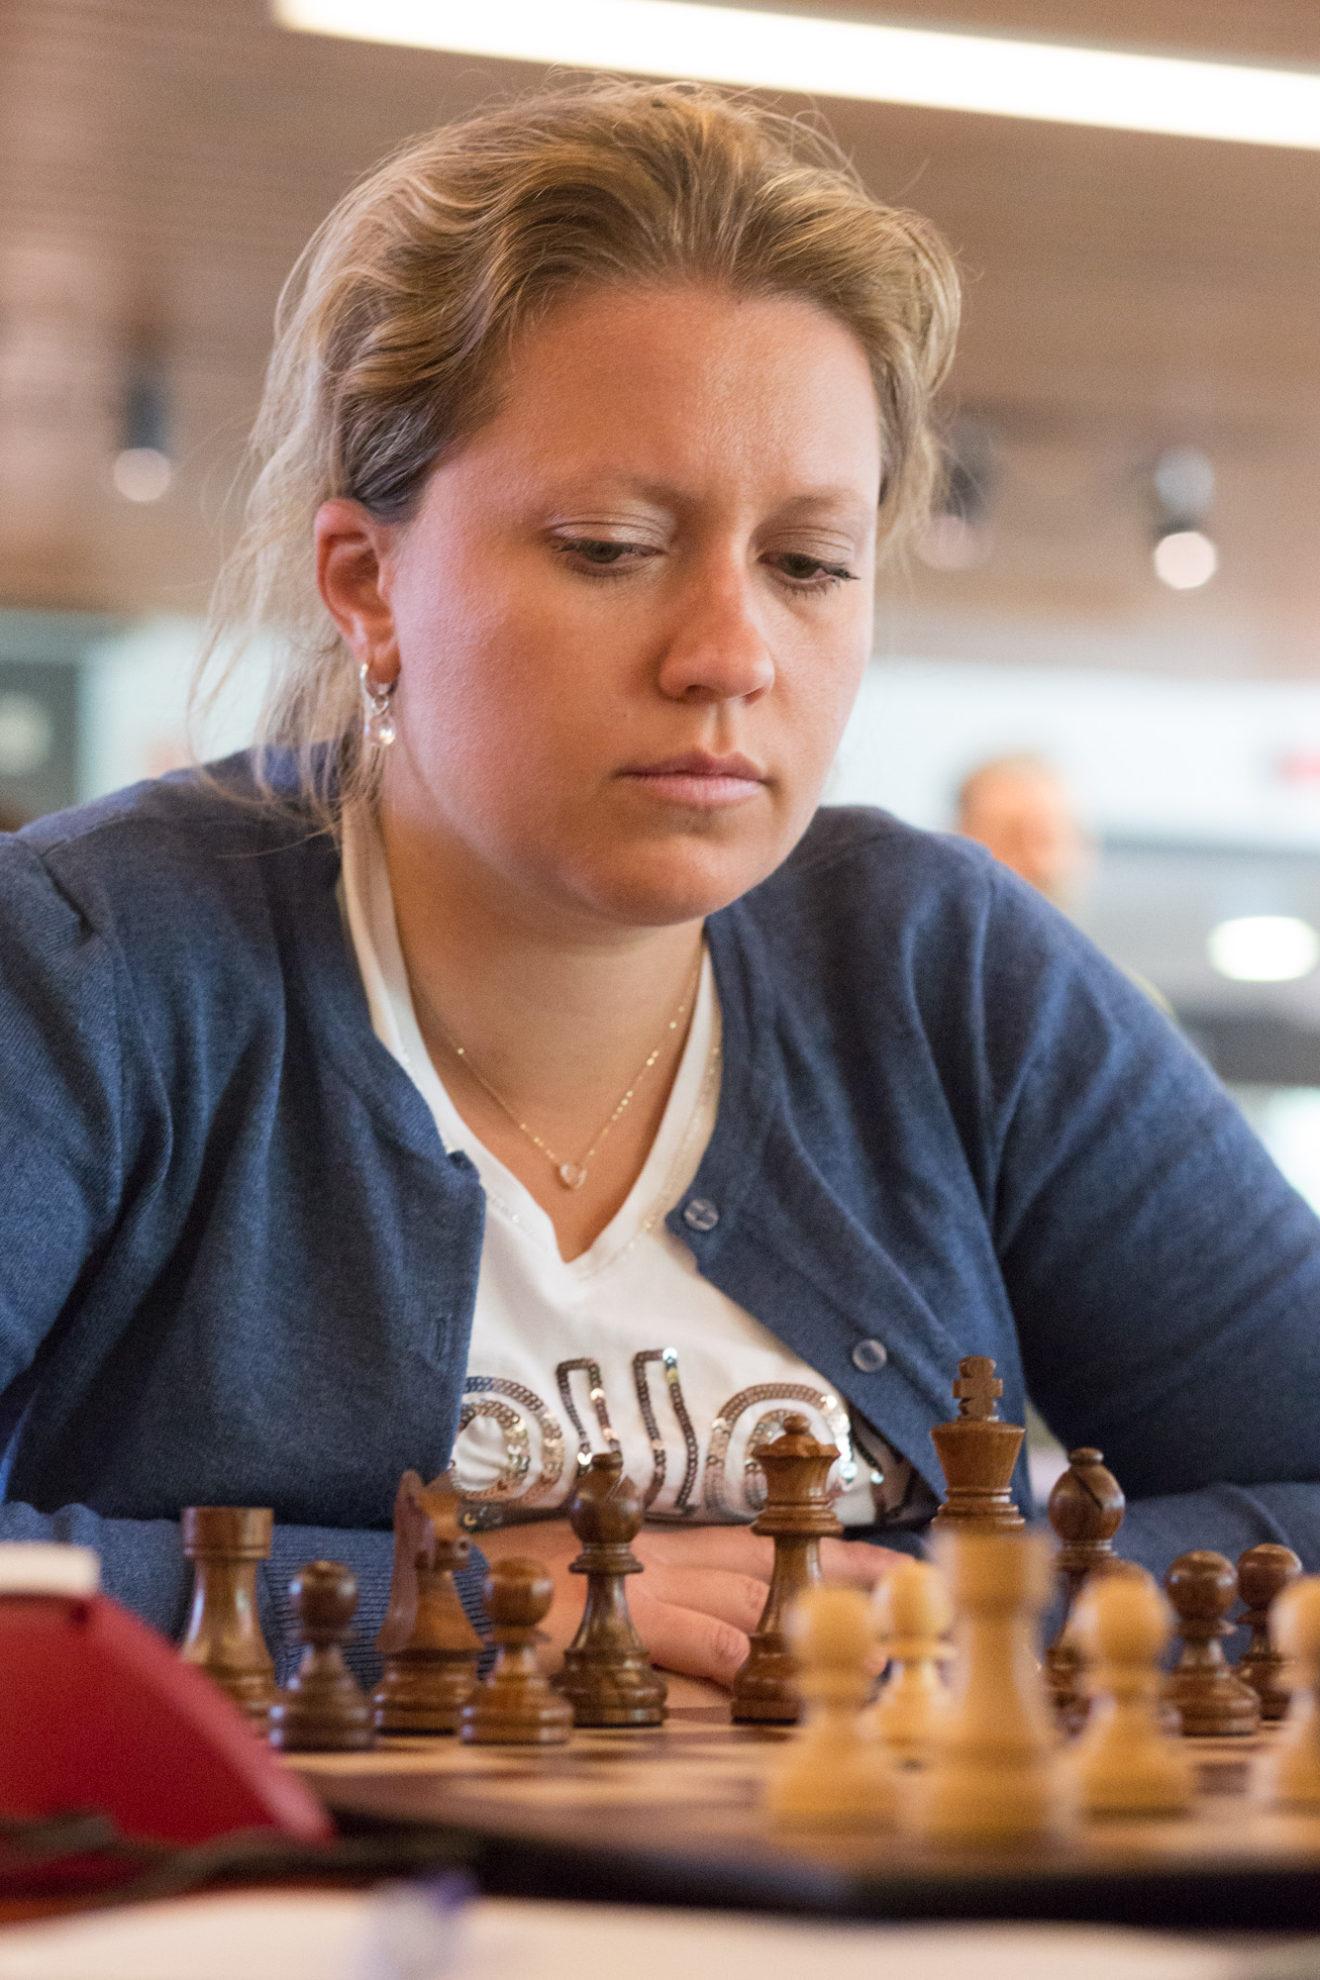 Iozefina Nederlands kampioen!